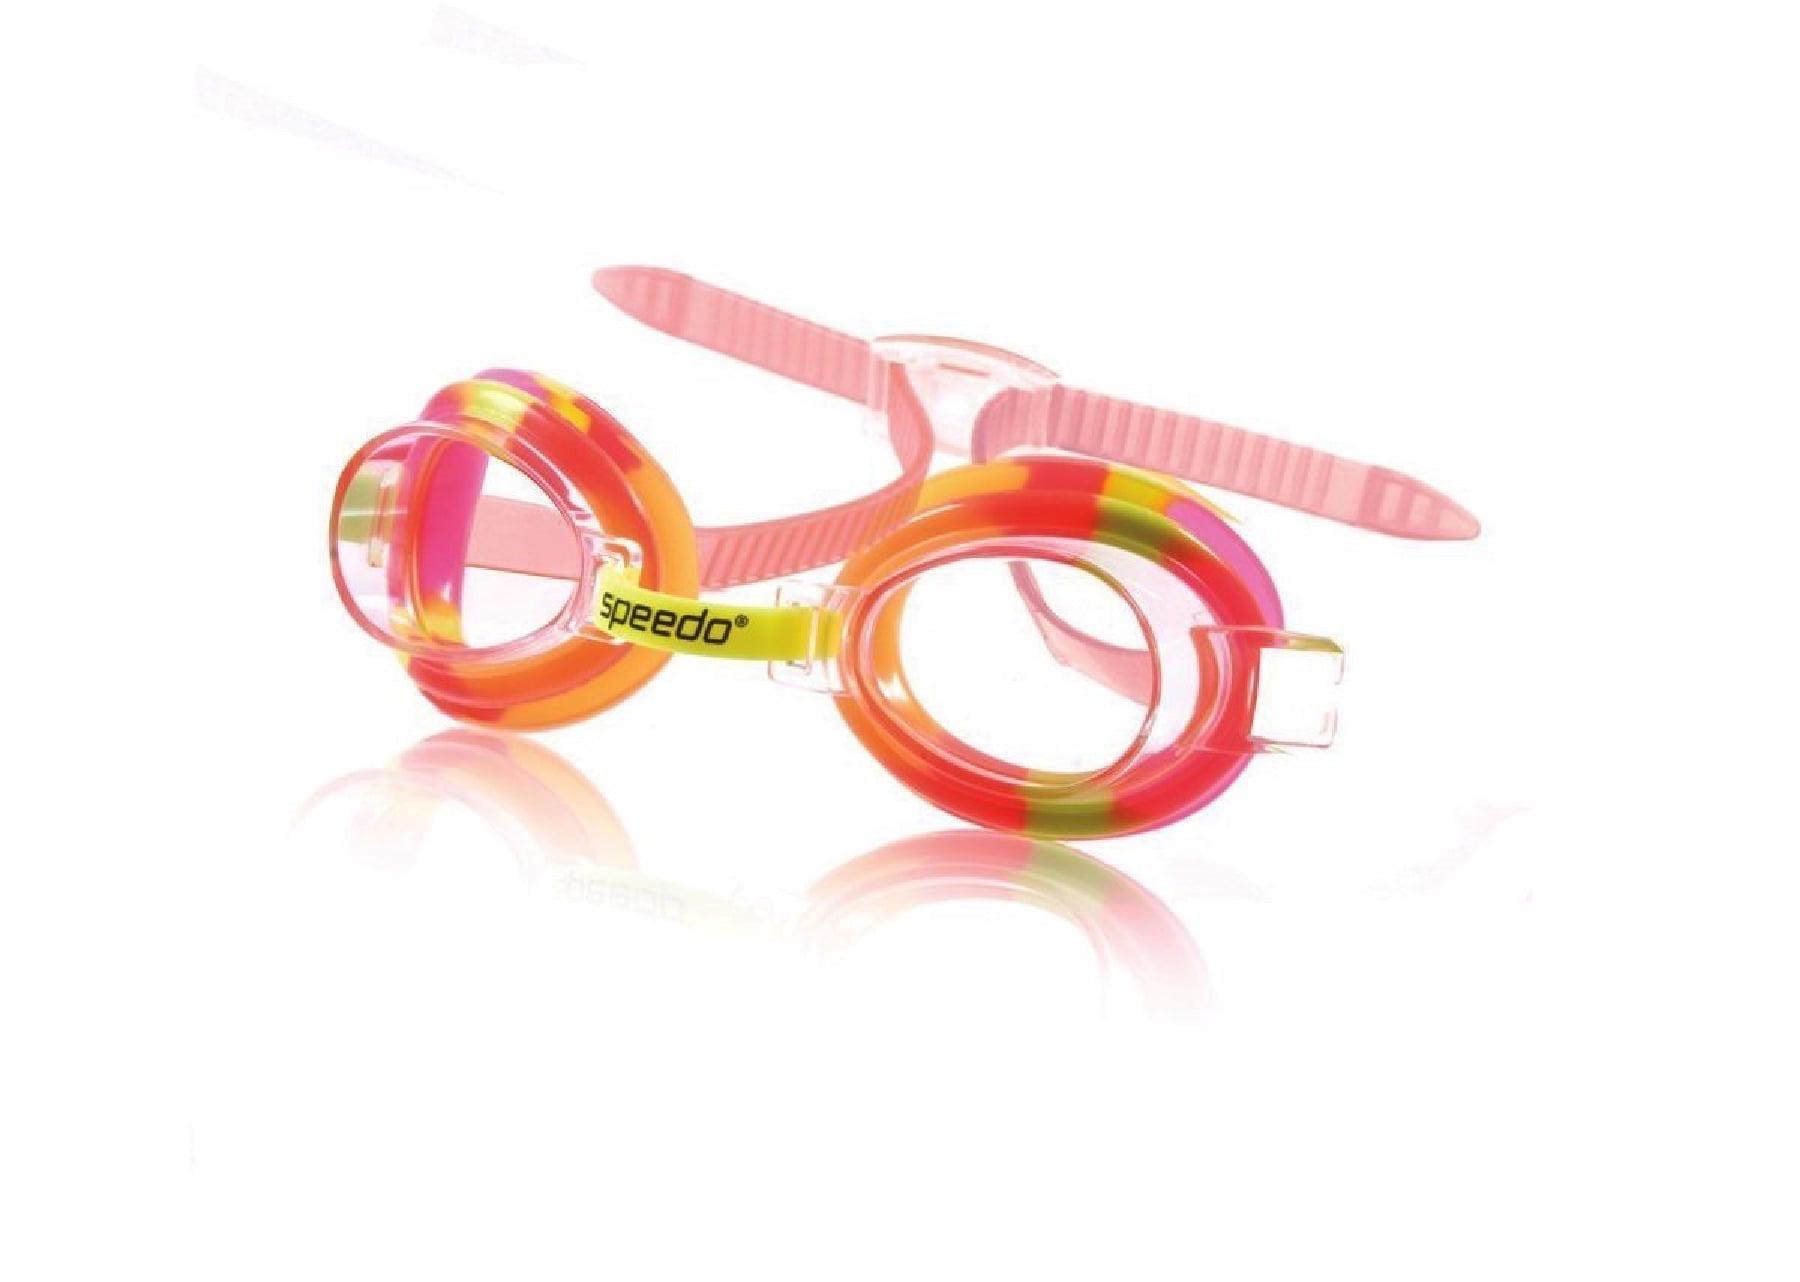 Speedo Kids Tye-Dye Splasher Goggle Kids Swim Goggle Yellow by Speedo